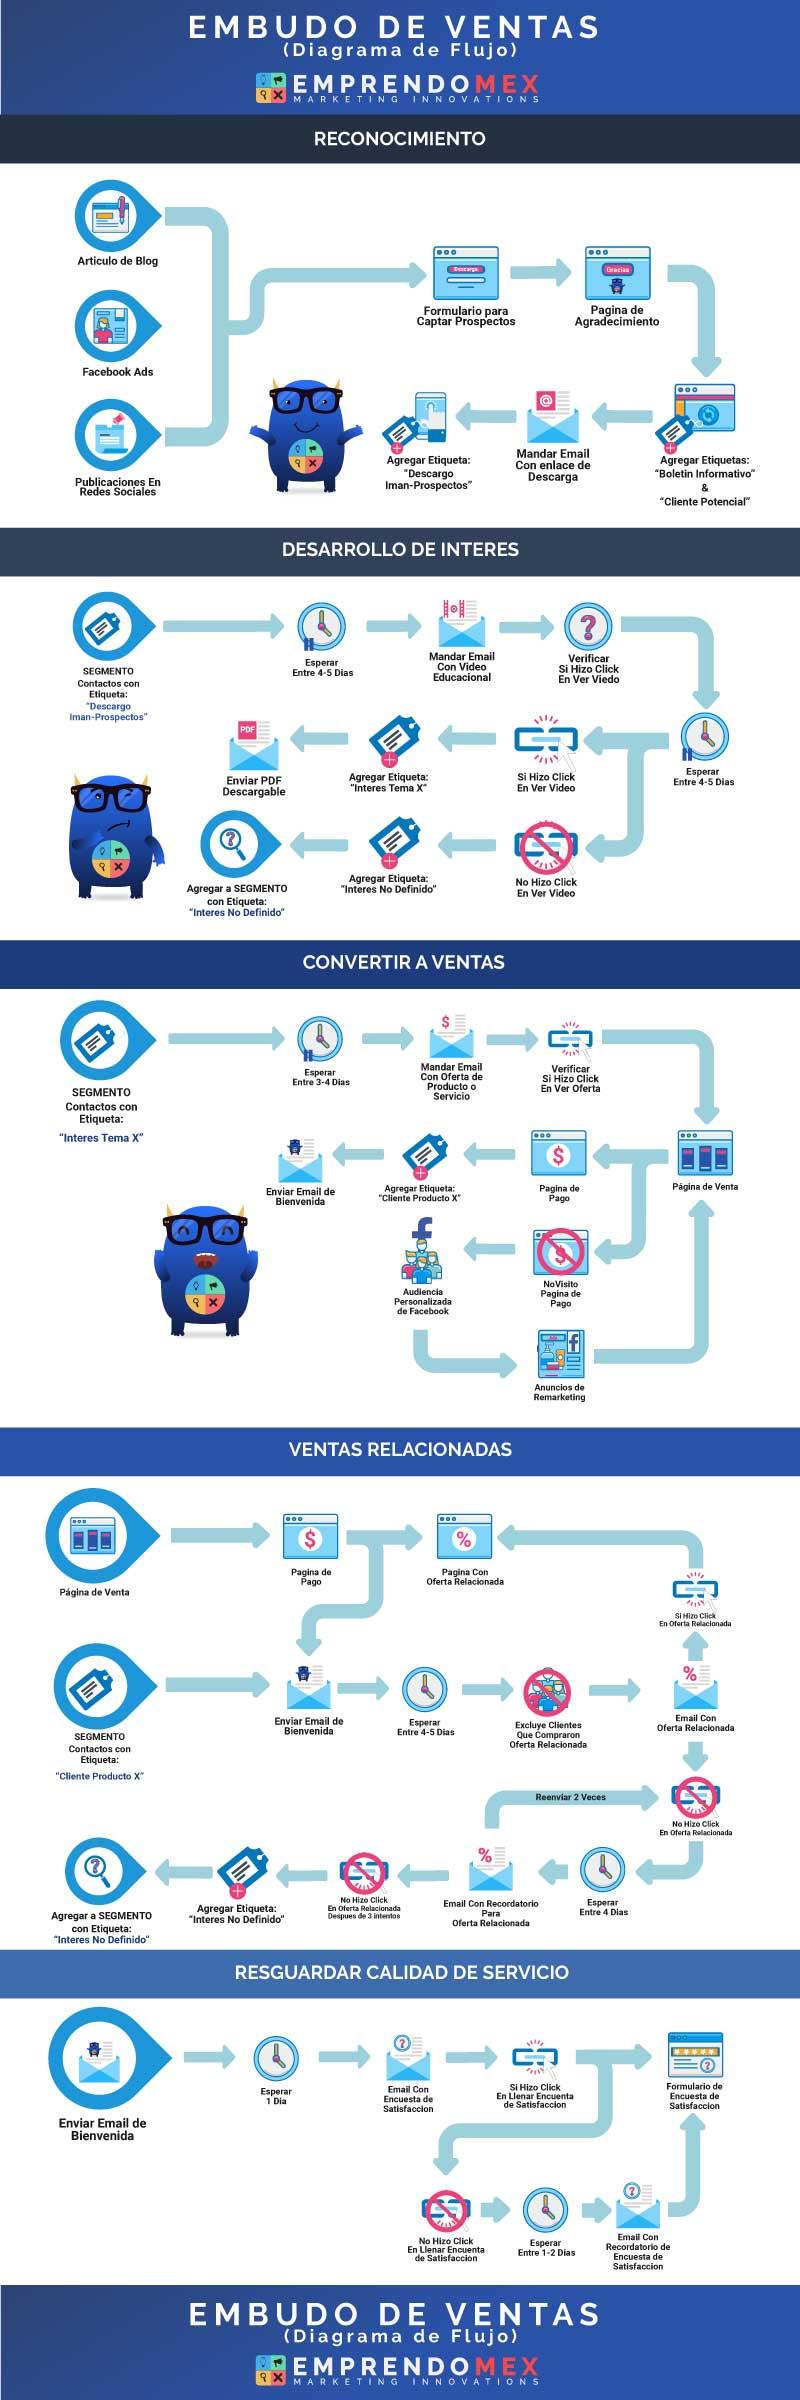 Infografía Anatomía de un Embudo de Ventas